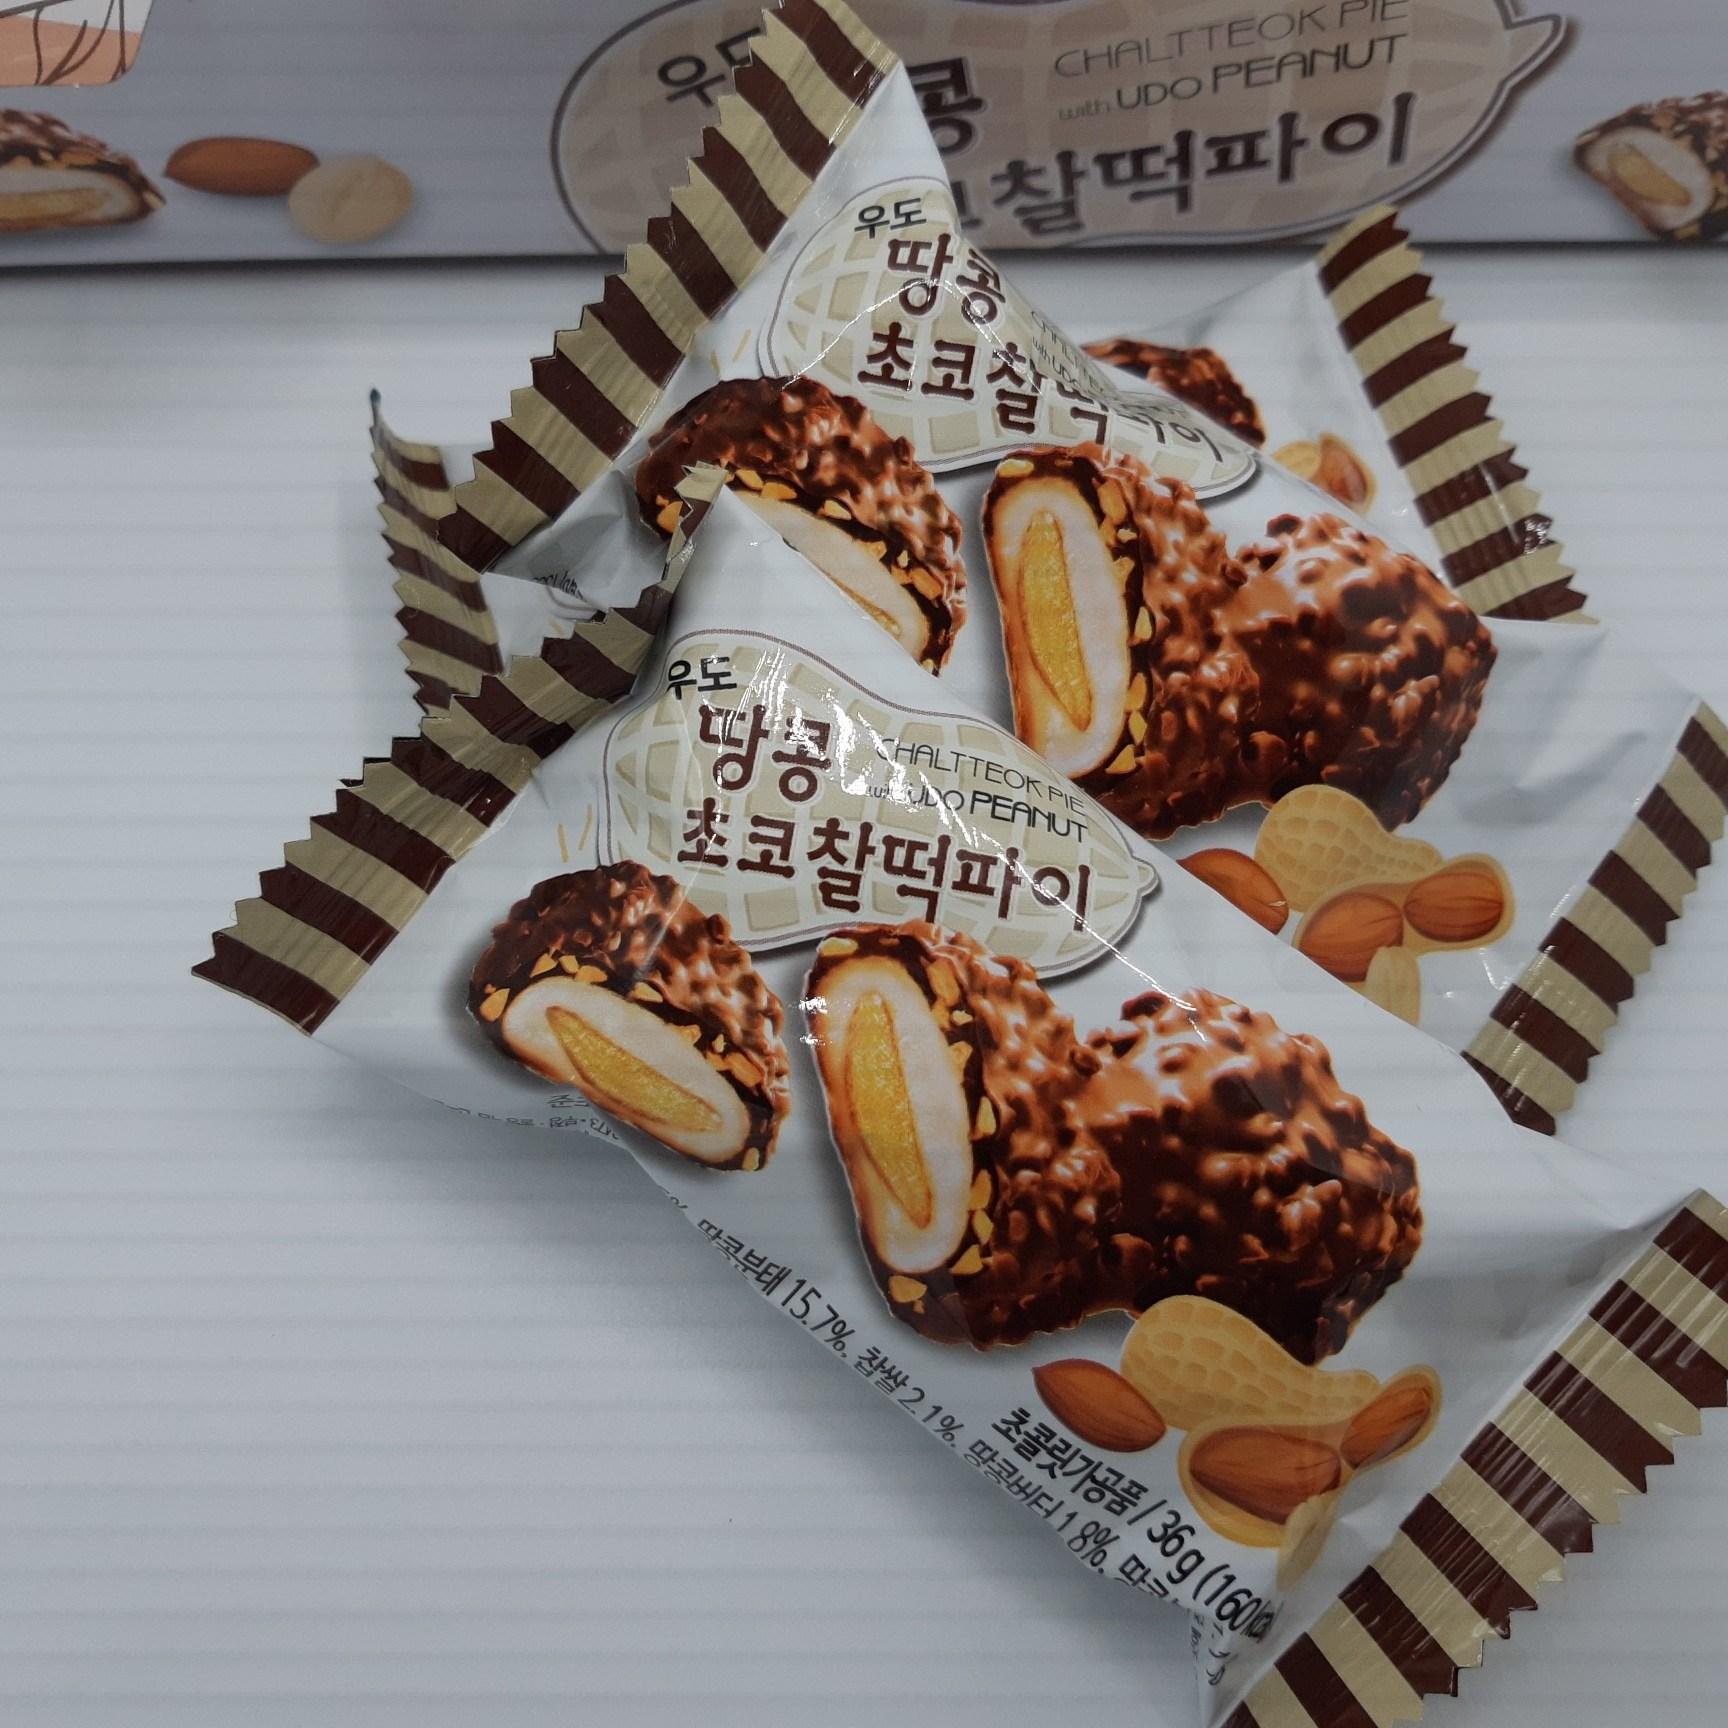 제주랑 우도땅콩 초코 찰떡 파이, 36g, 12봉